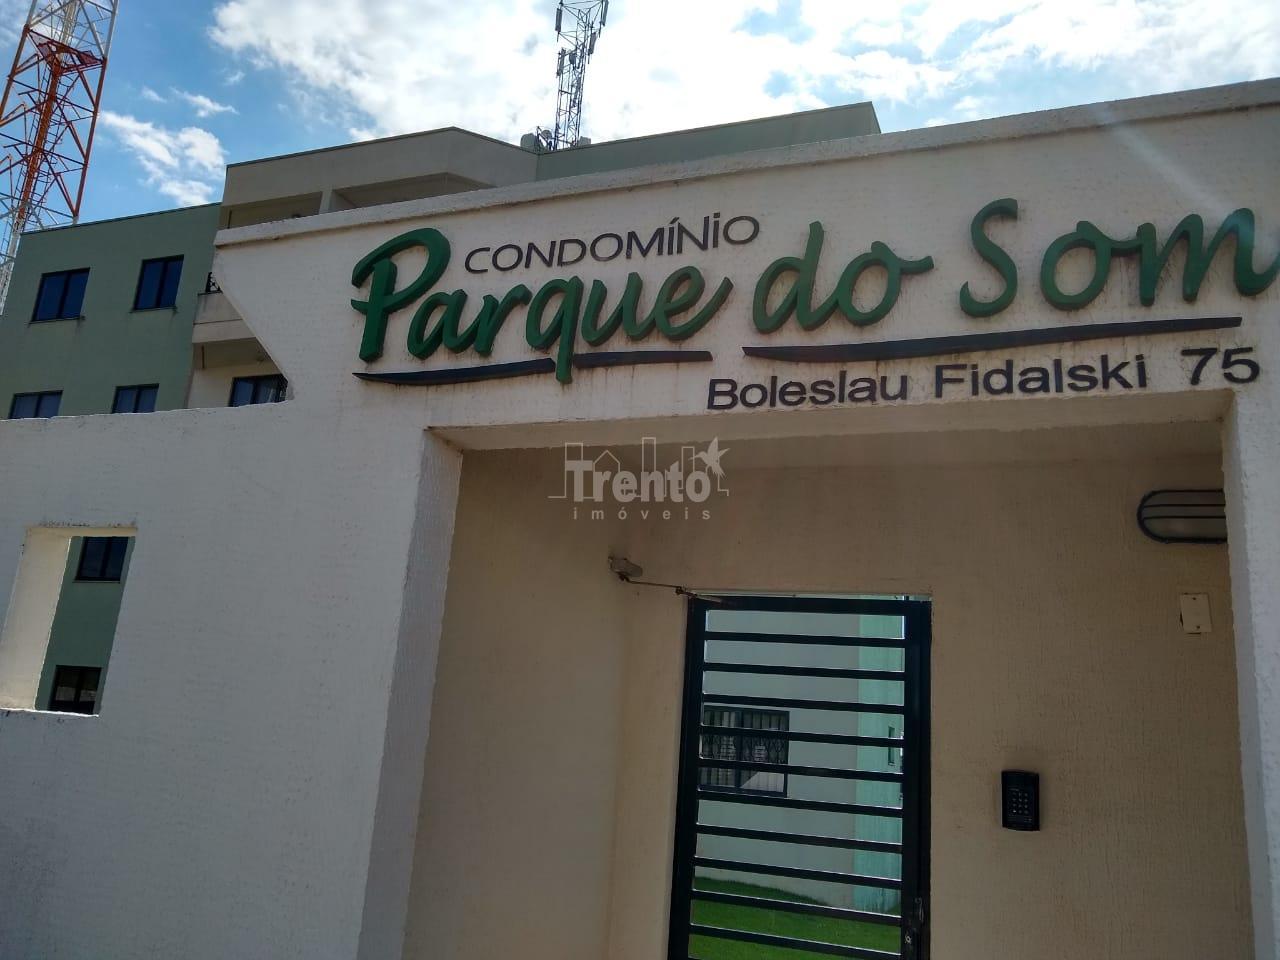 APTO NO ED. PARQUE DO SOM - PATO BRANCO/PR